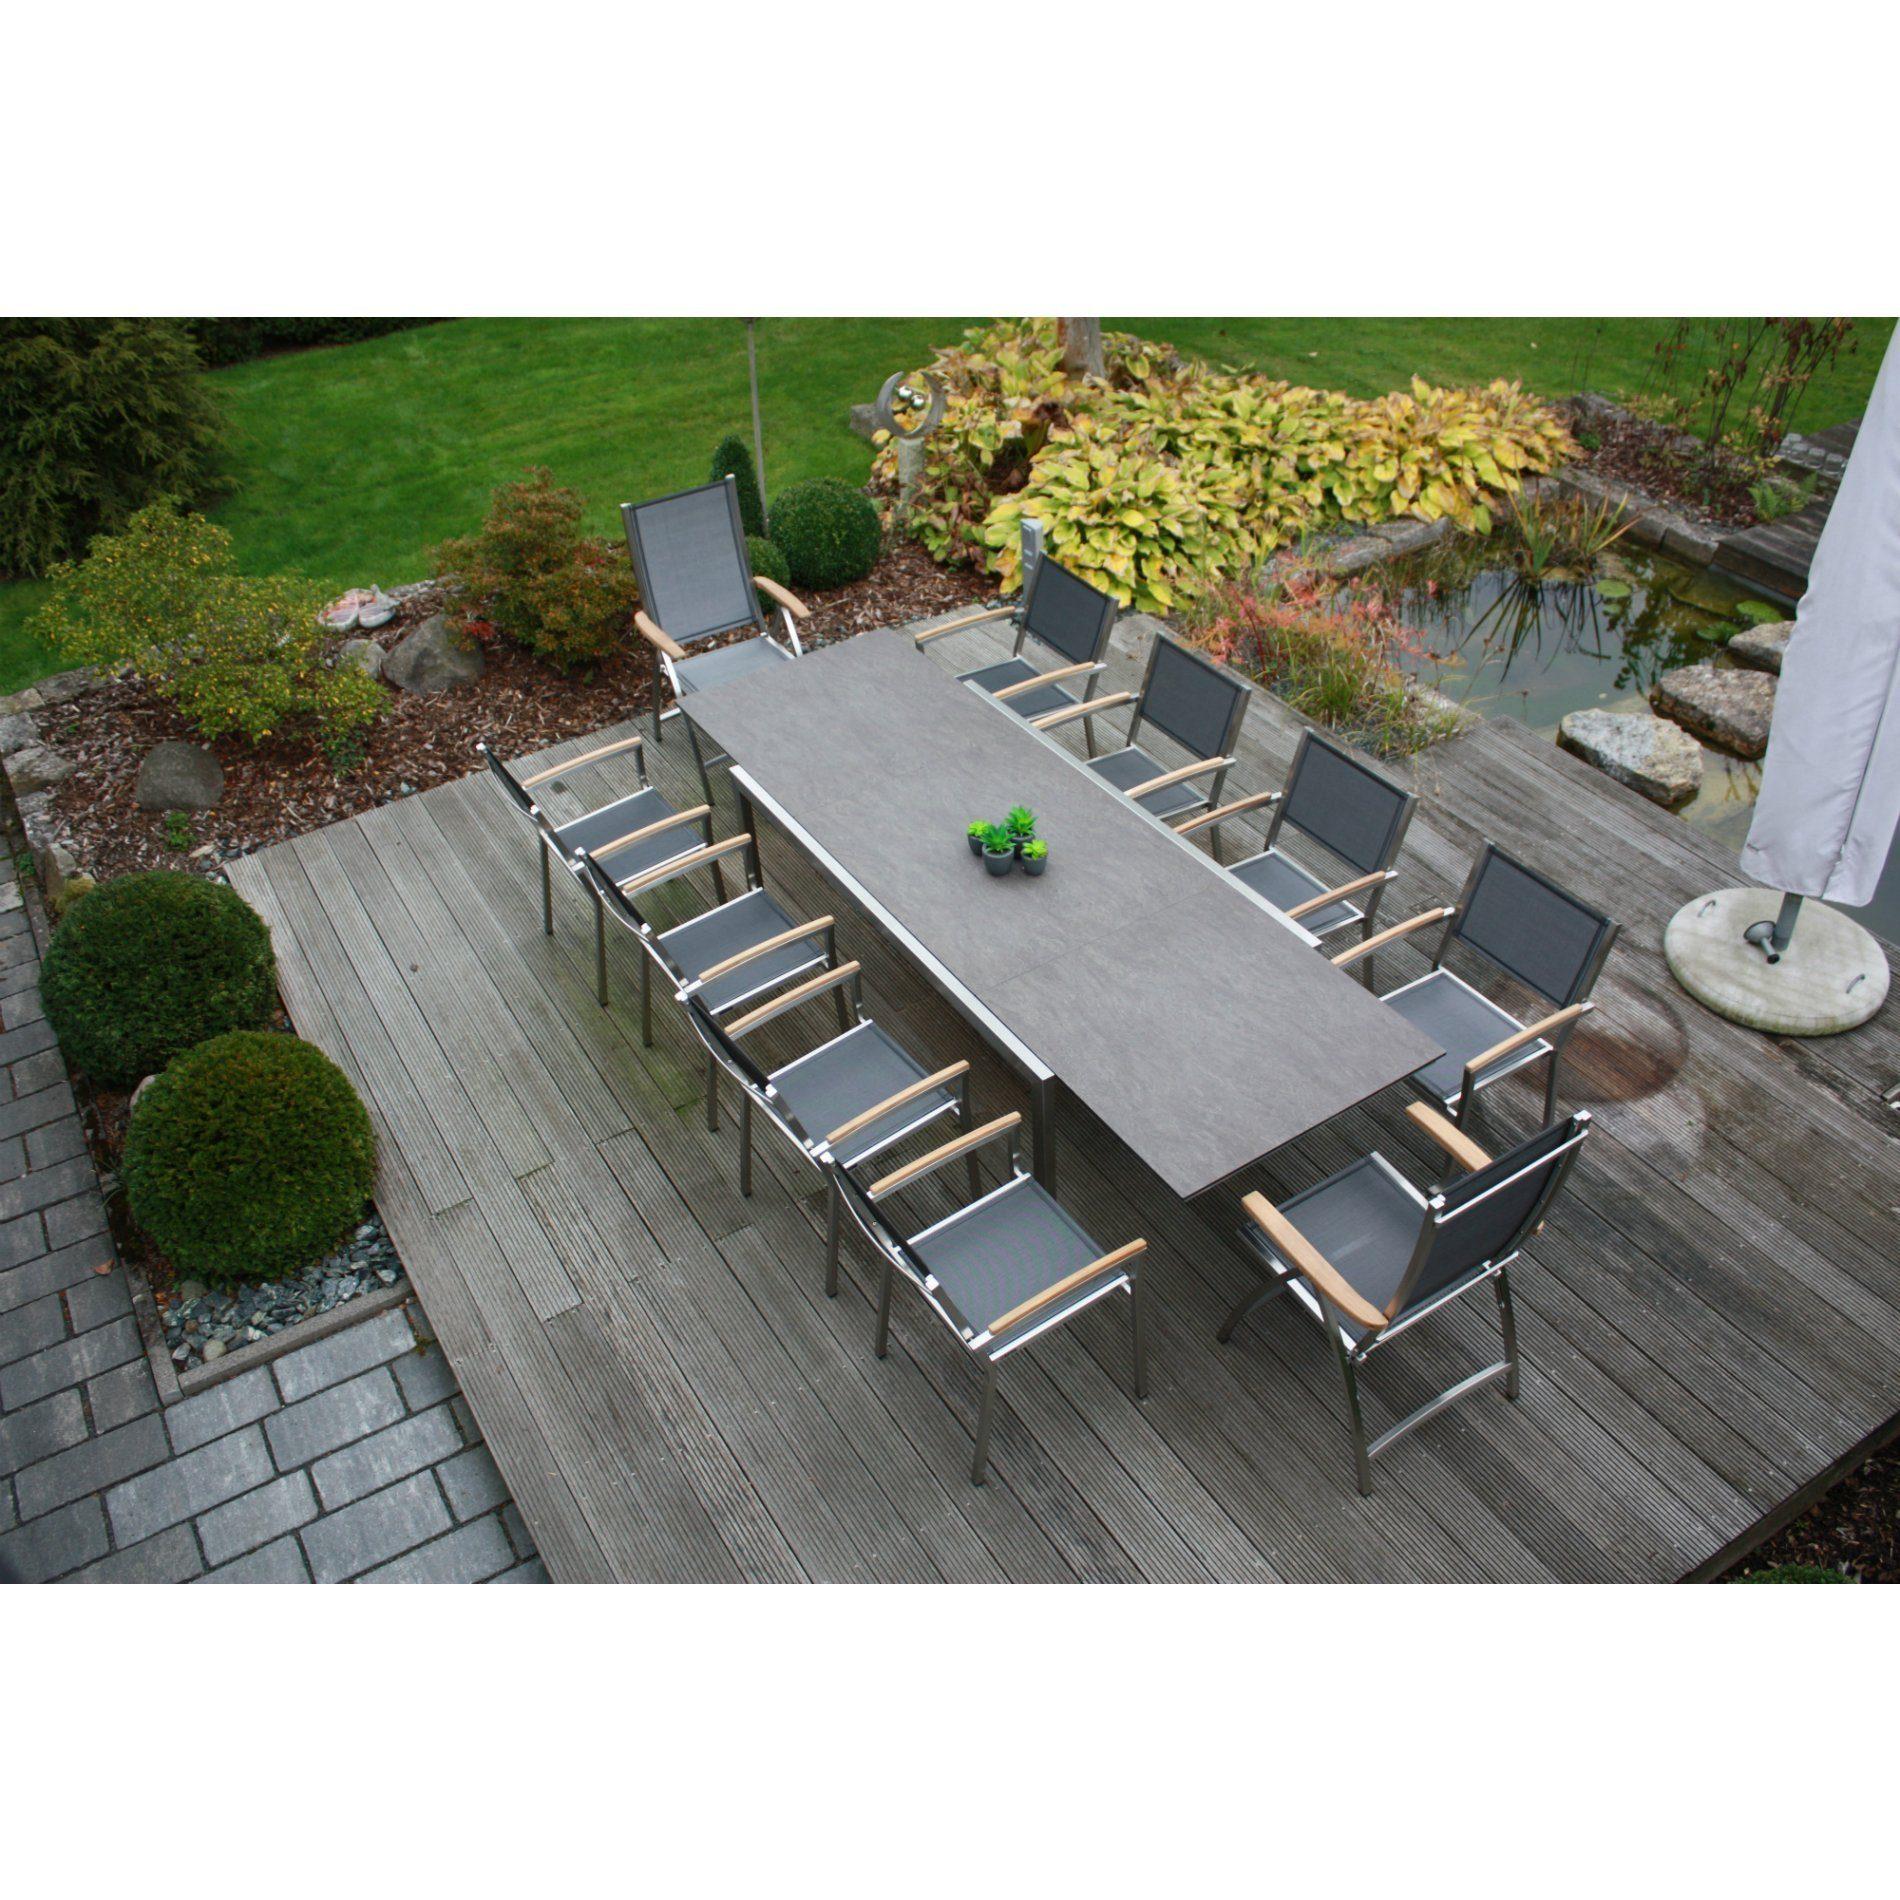 Zebra Gartenmöbel Set mit Stuhl